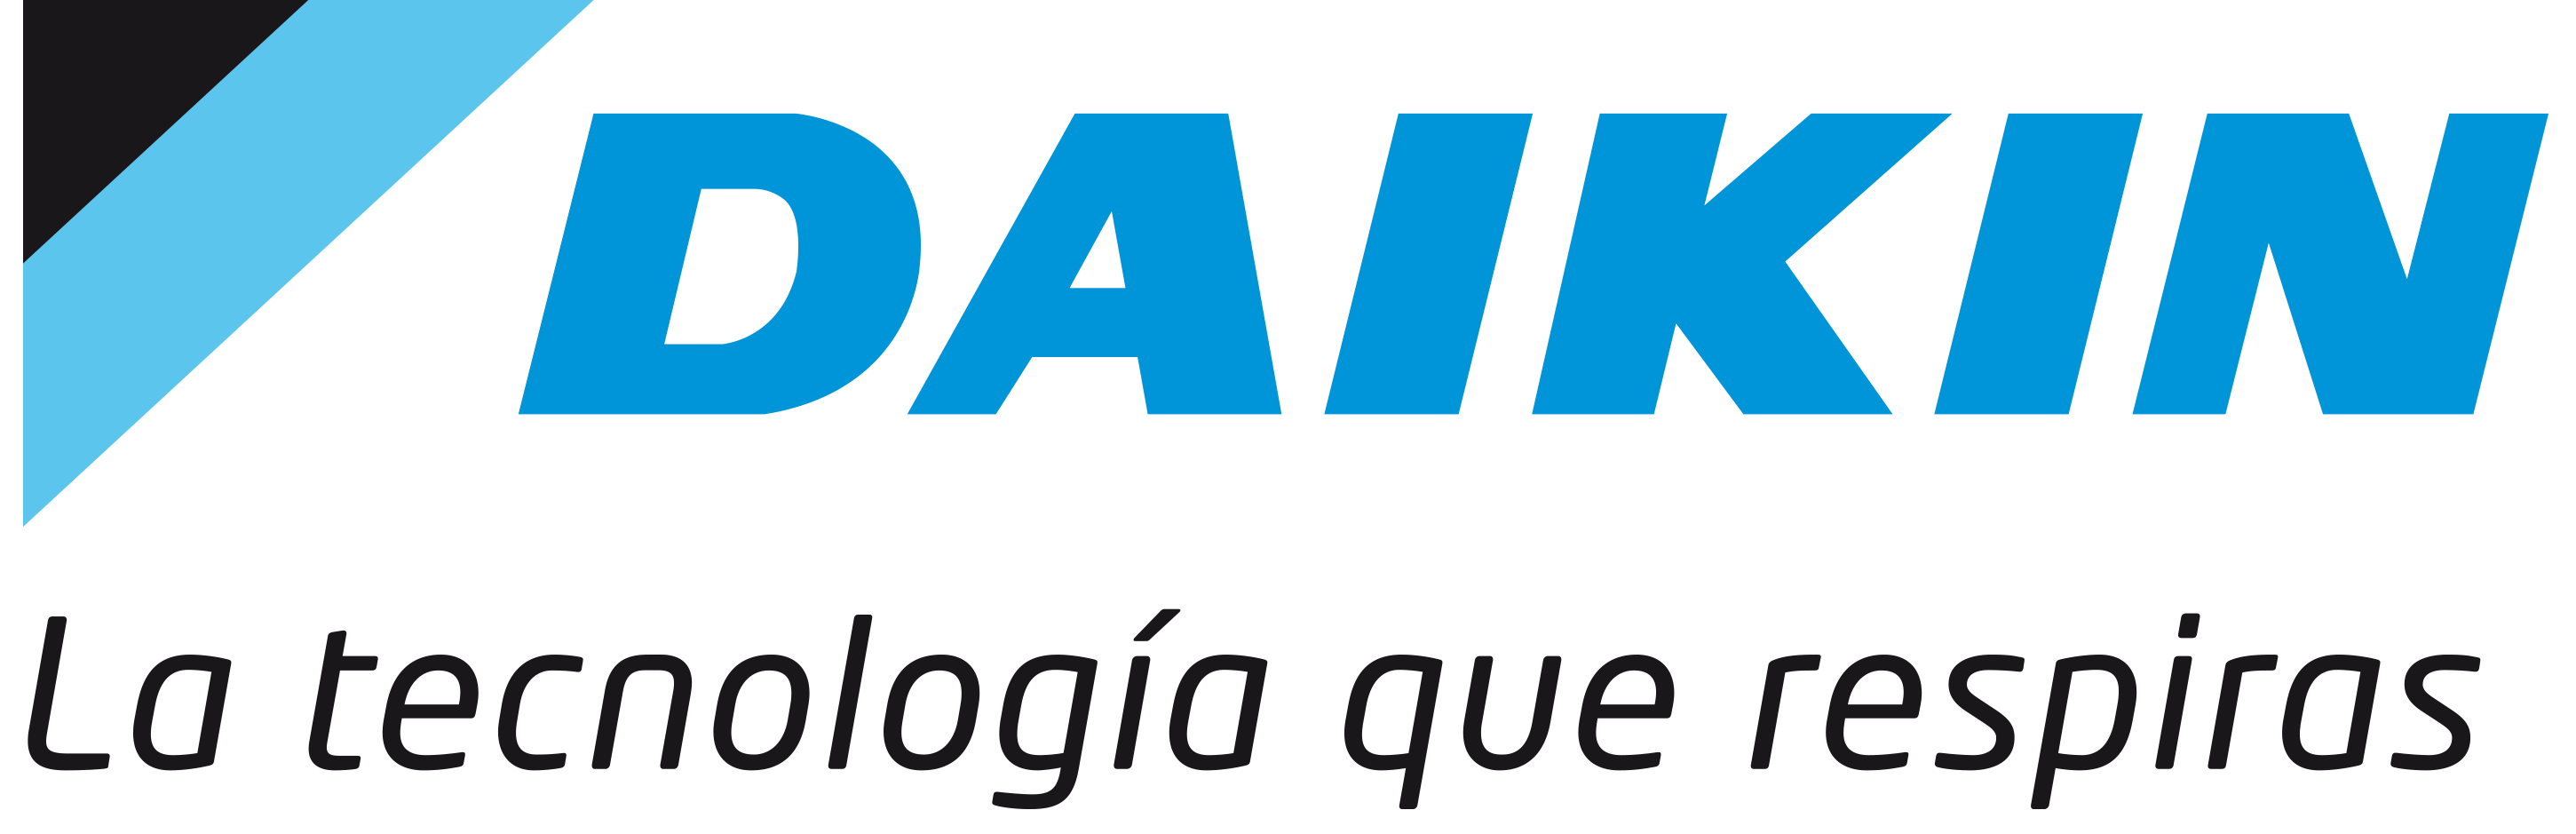 Ventaclima Daikin aire acondicionado